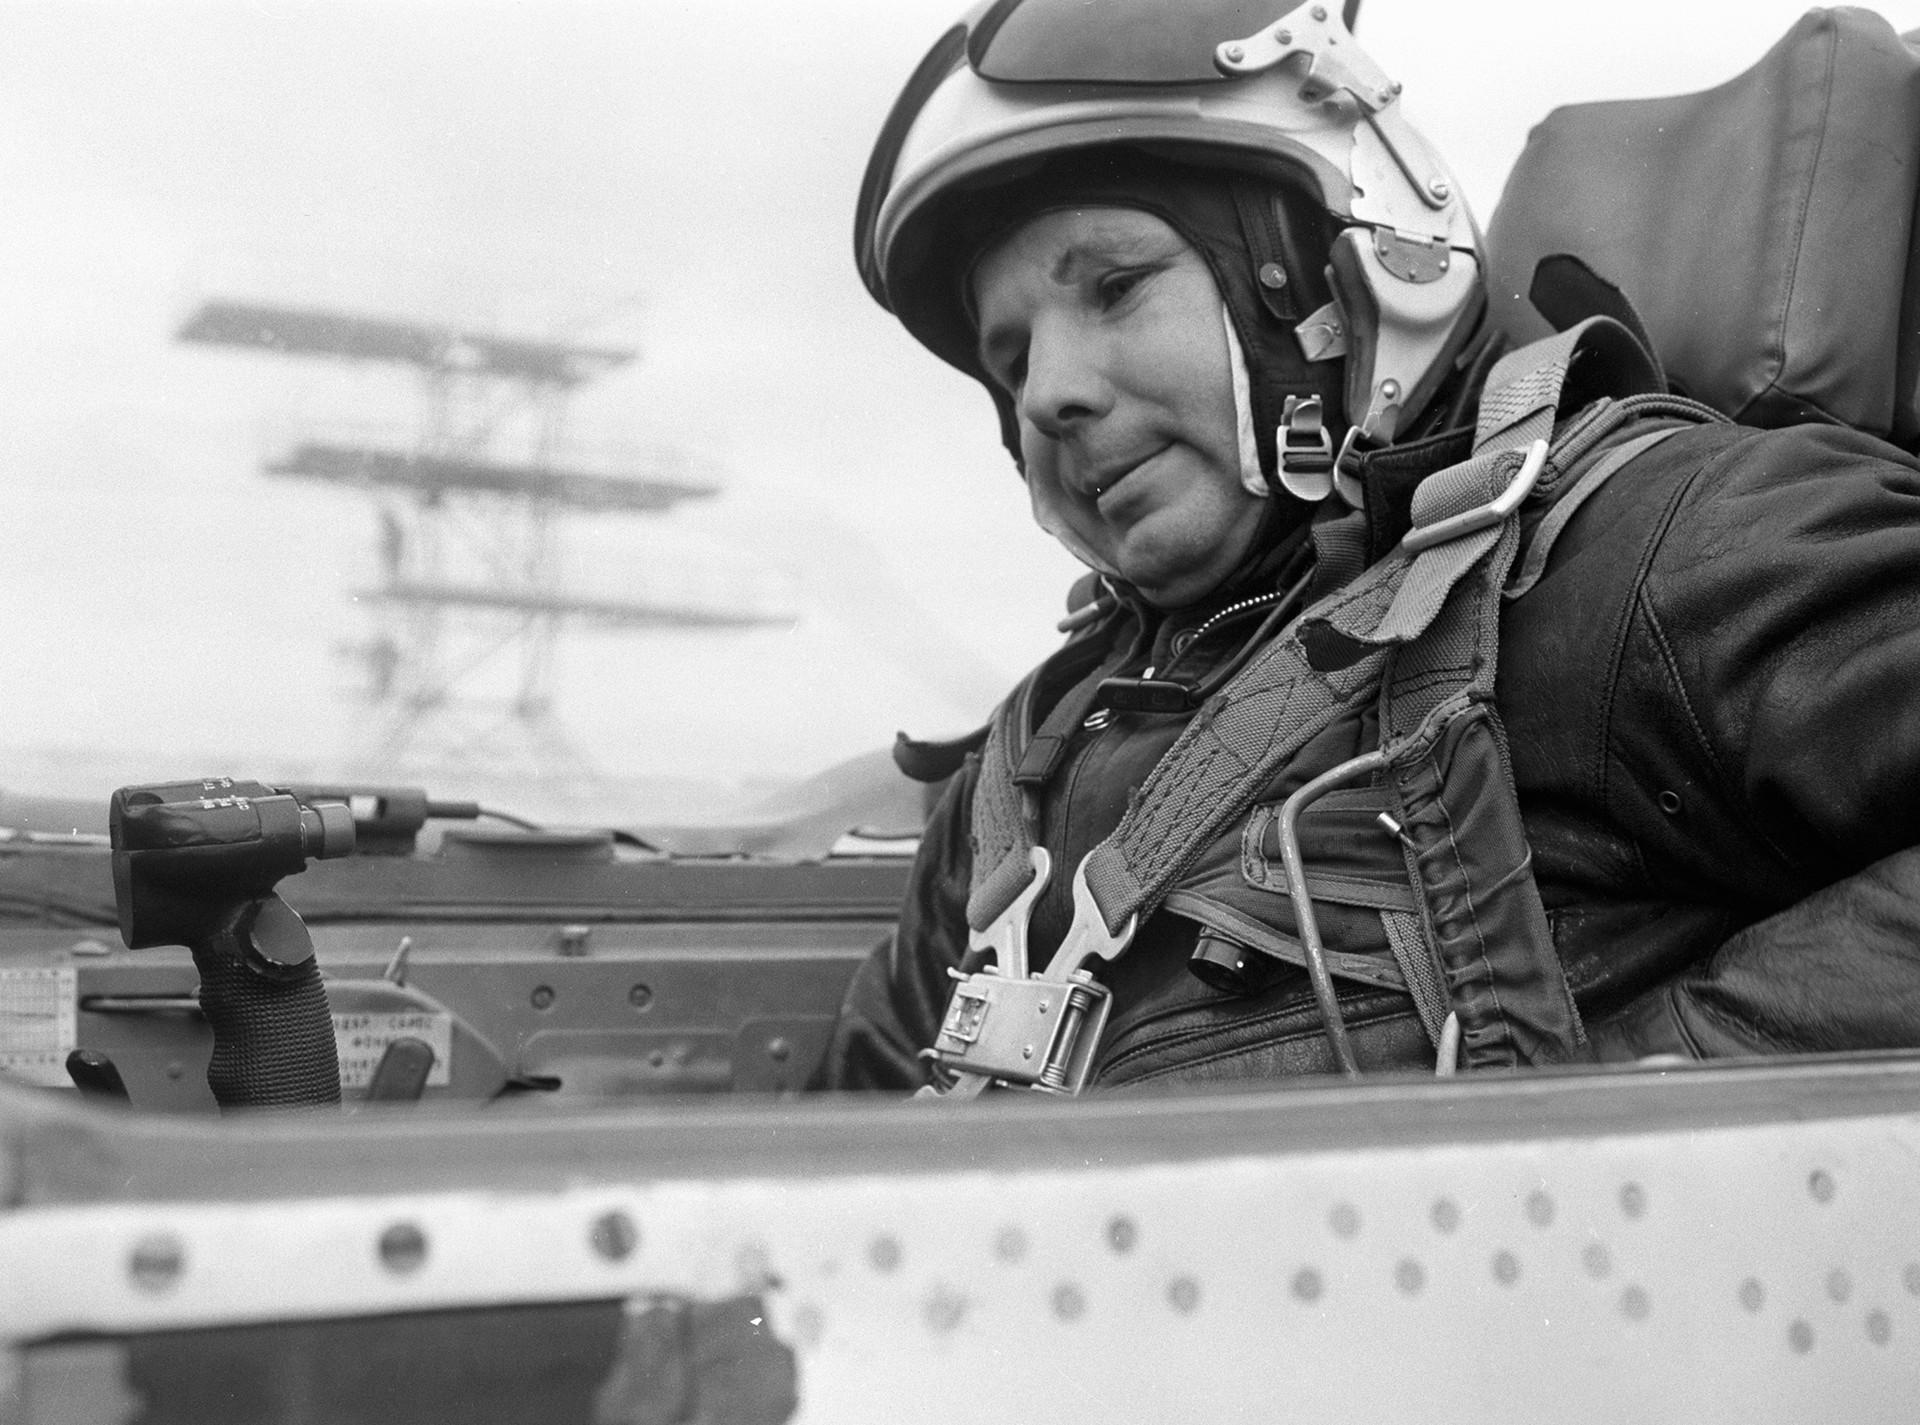 ガガーリンがジェット戦闘機MiG-21の機室で訓練飛行の準備をしている。1967年10月1967日。